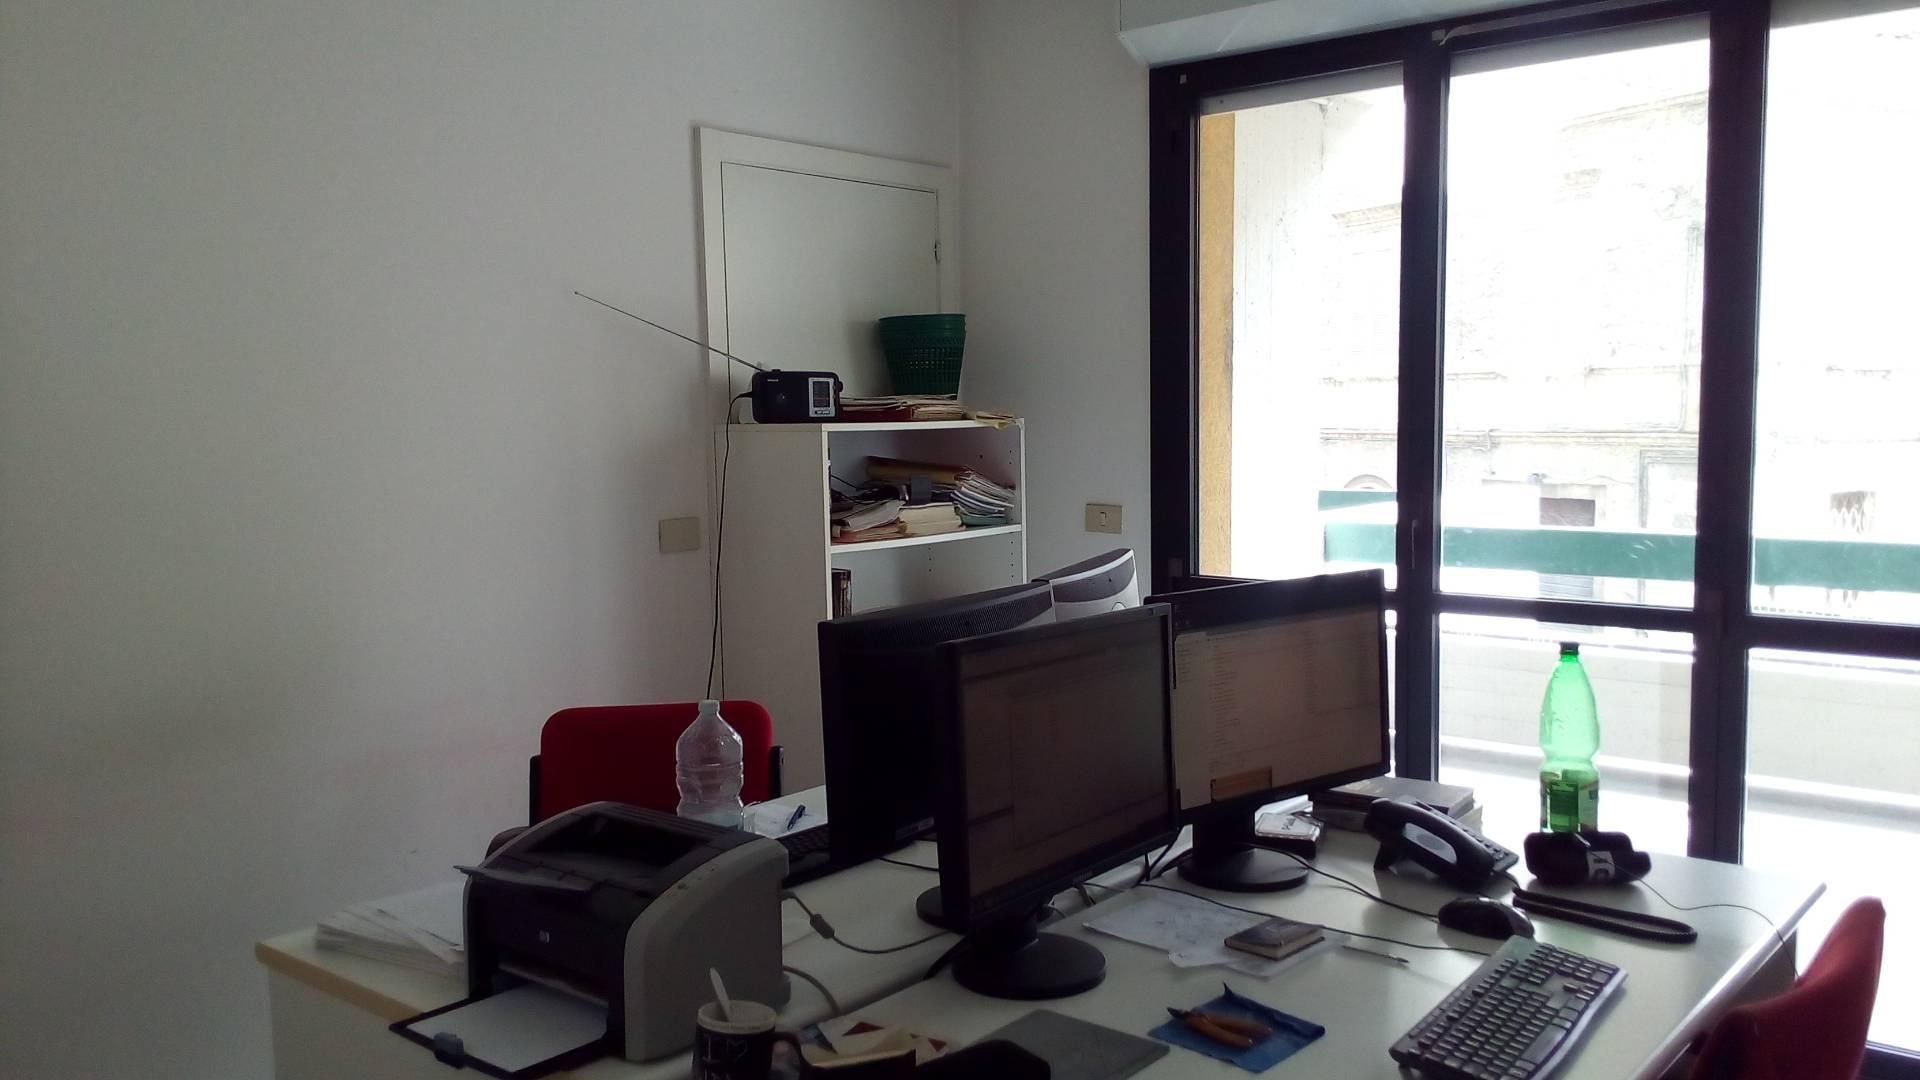 Ufficio / Studio in affitto a Ascoli Piceno, 9999 locali, zona Zona: Caldaie, prezzo € 450 | CambioCasa.it